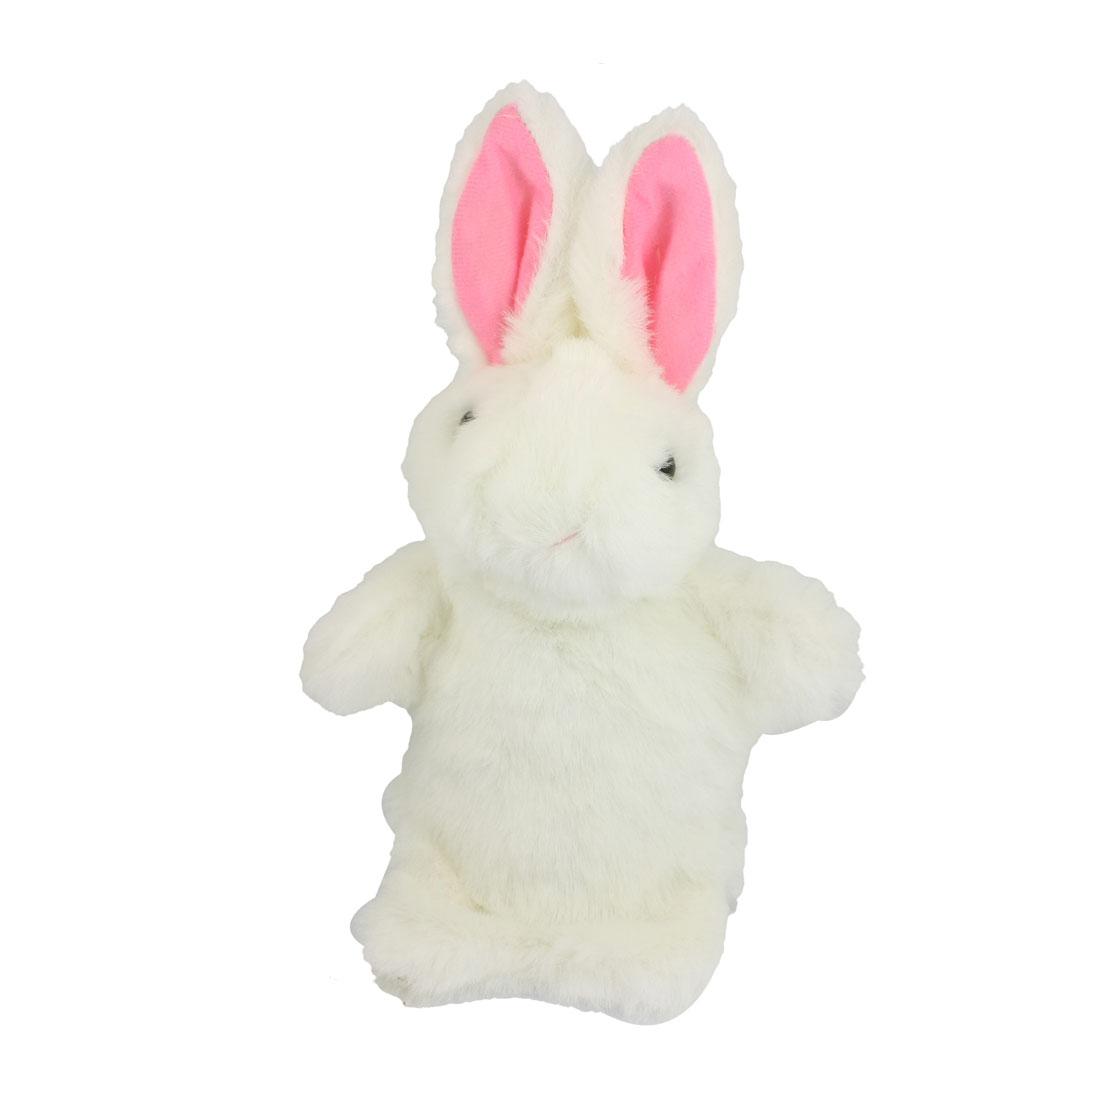 Rabbit Glove Hand Puppet Preschool Pretend Play Toy White for Children